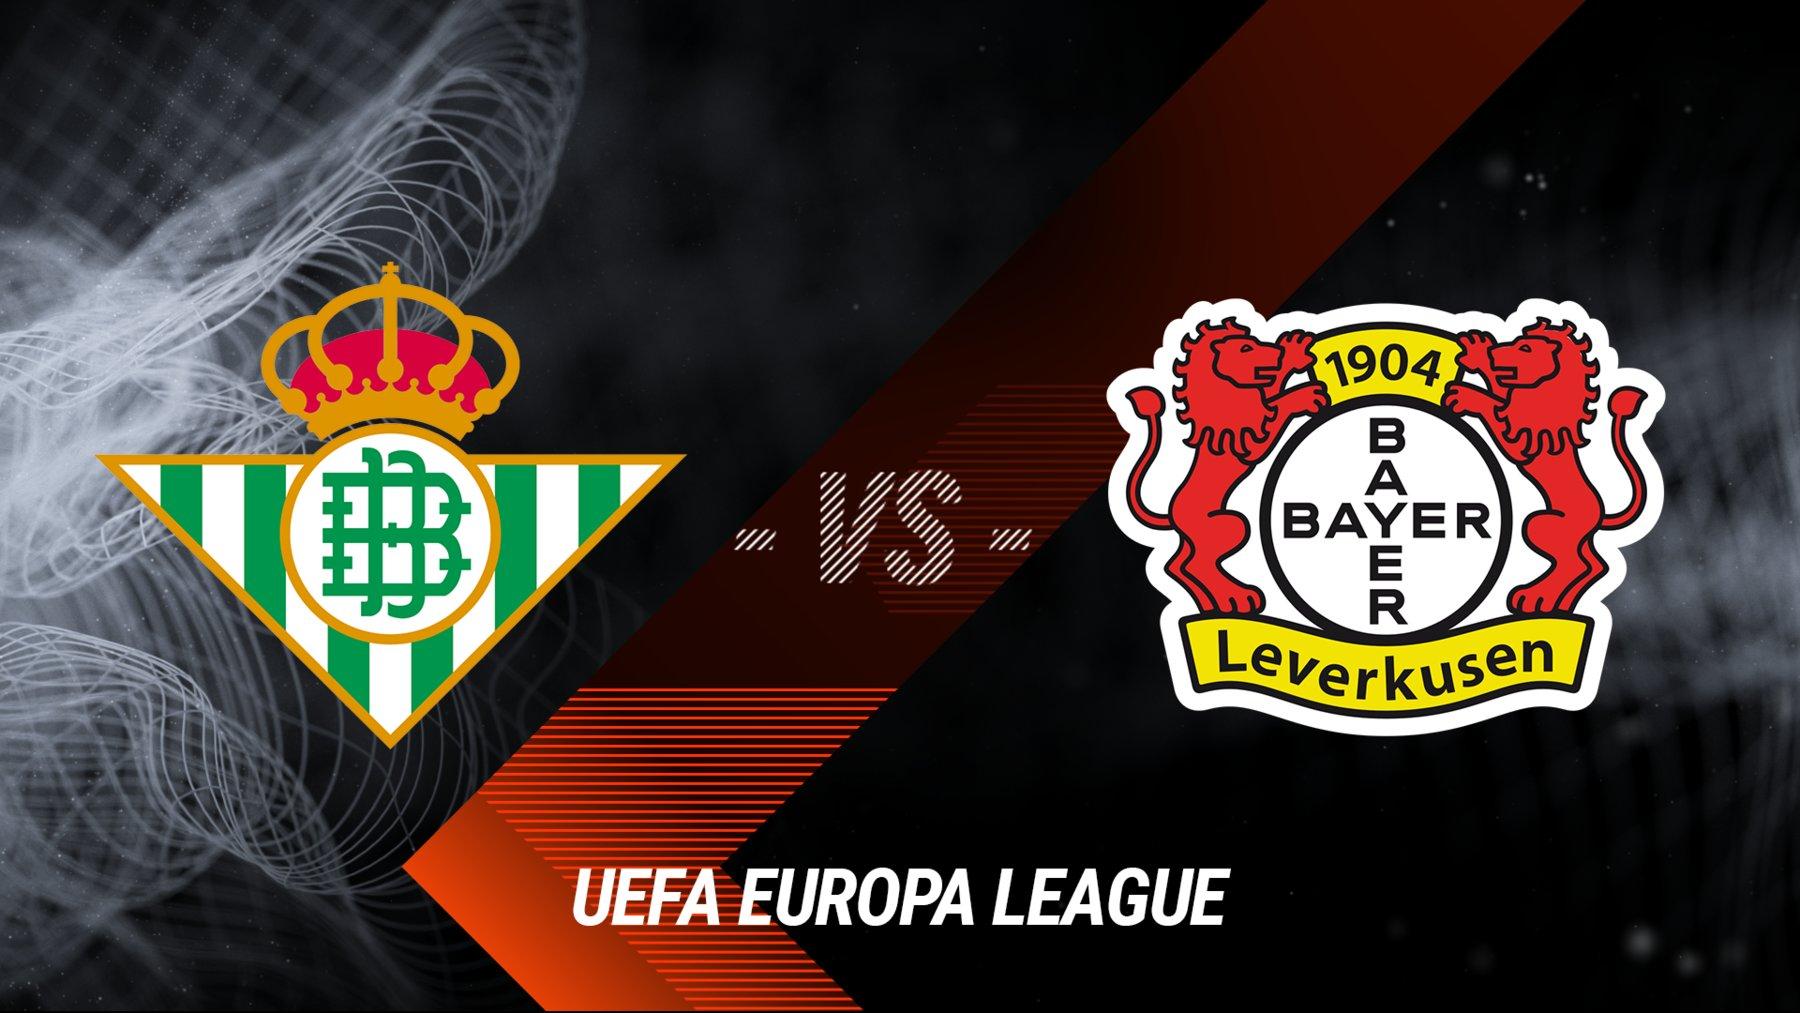 Betis Sevilla vs. Bayer 04 Leverkusen (Anstoß: 18:45 Uhr)